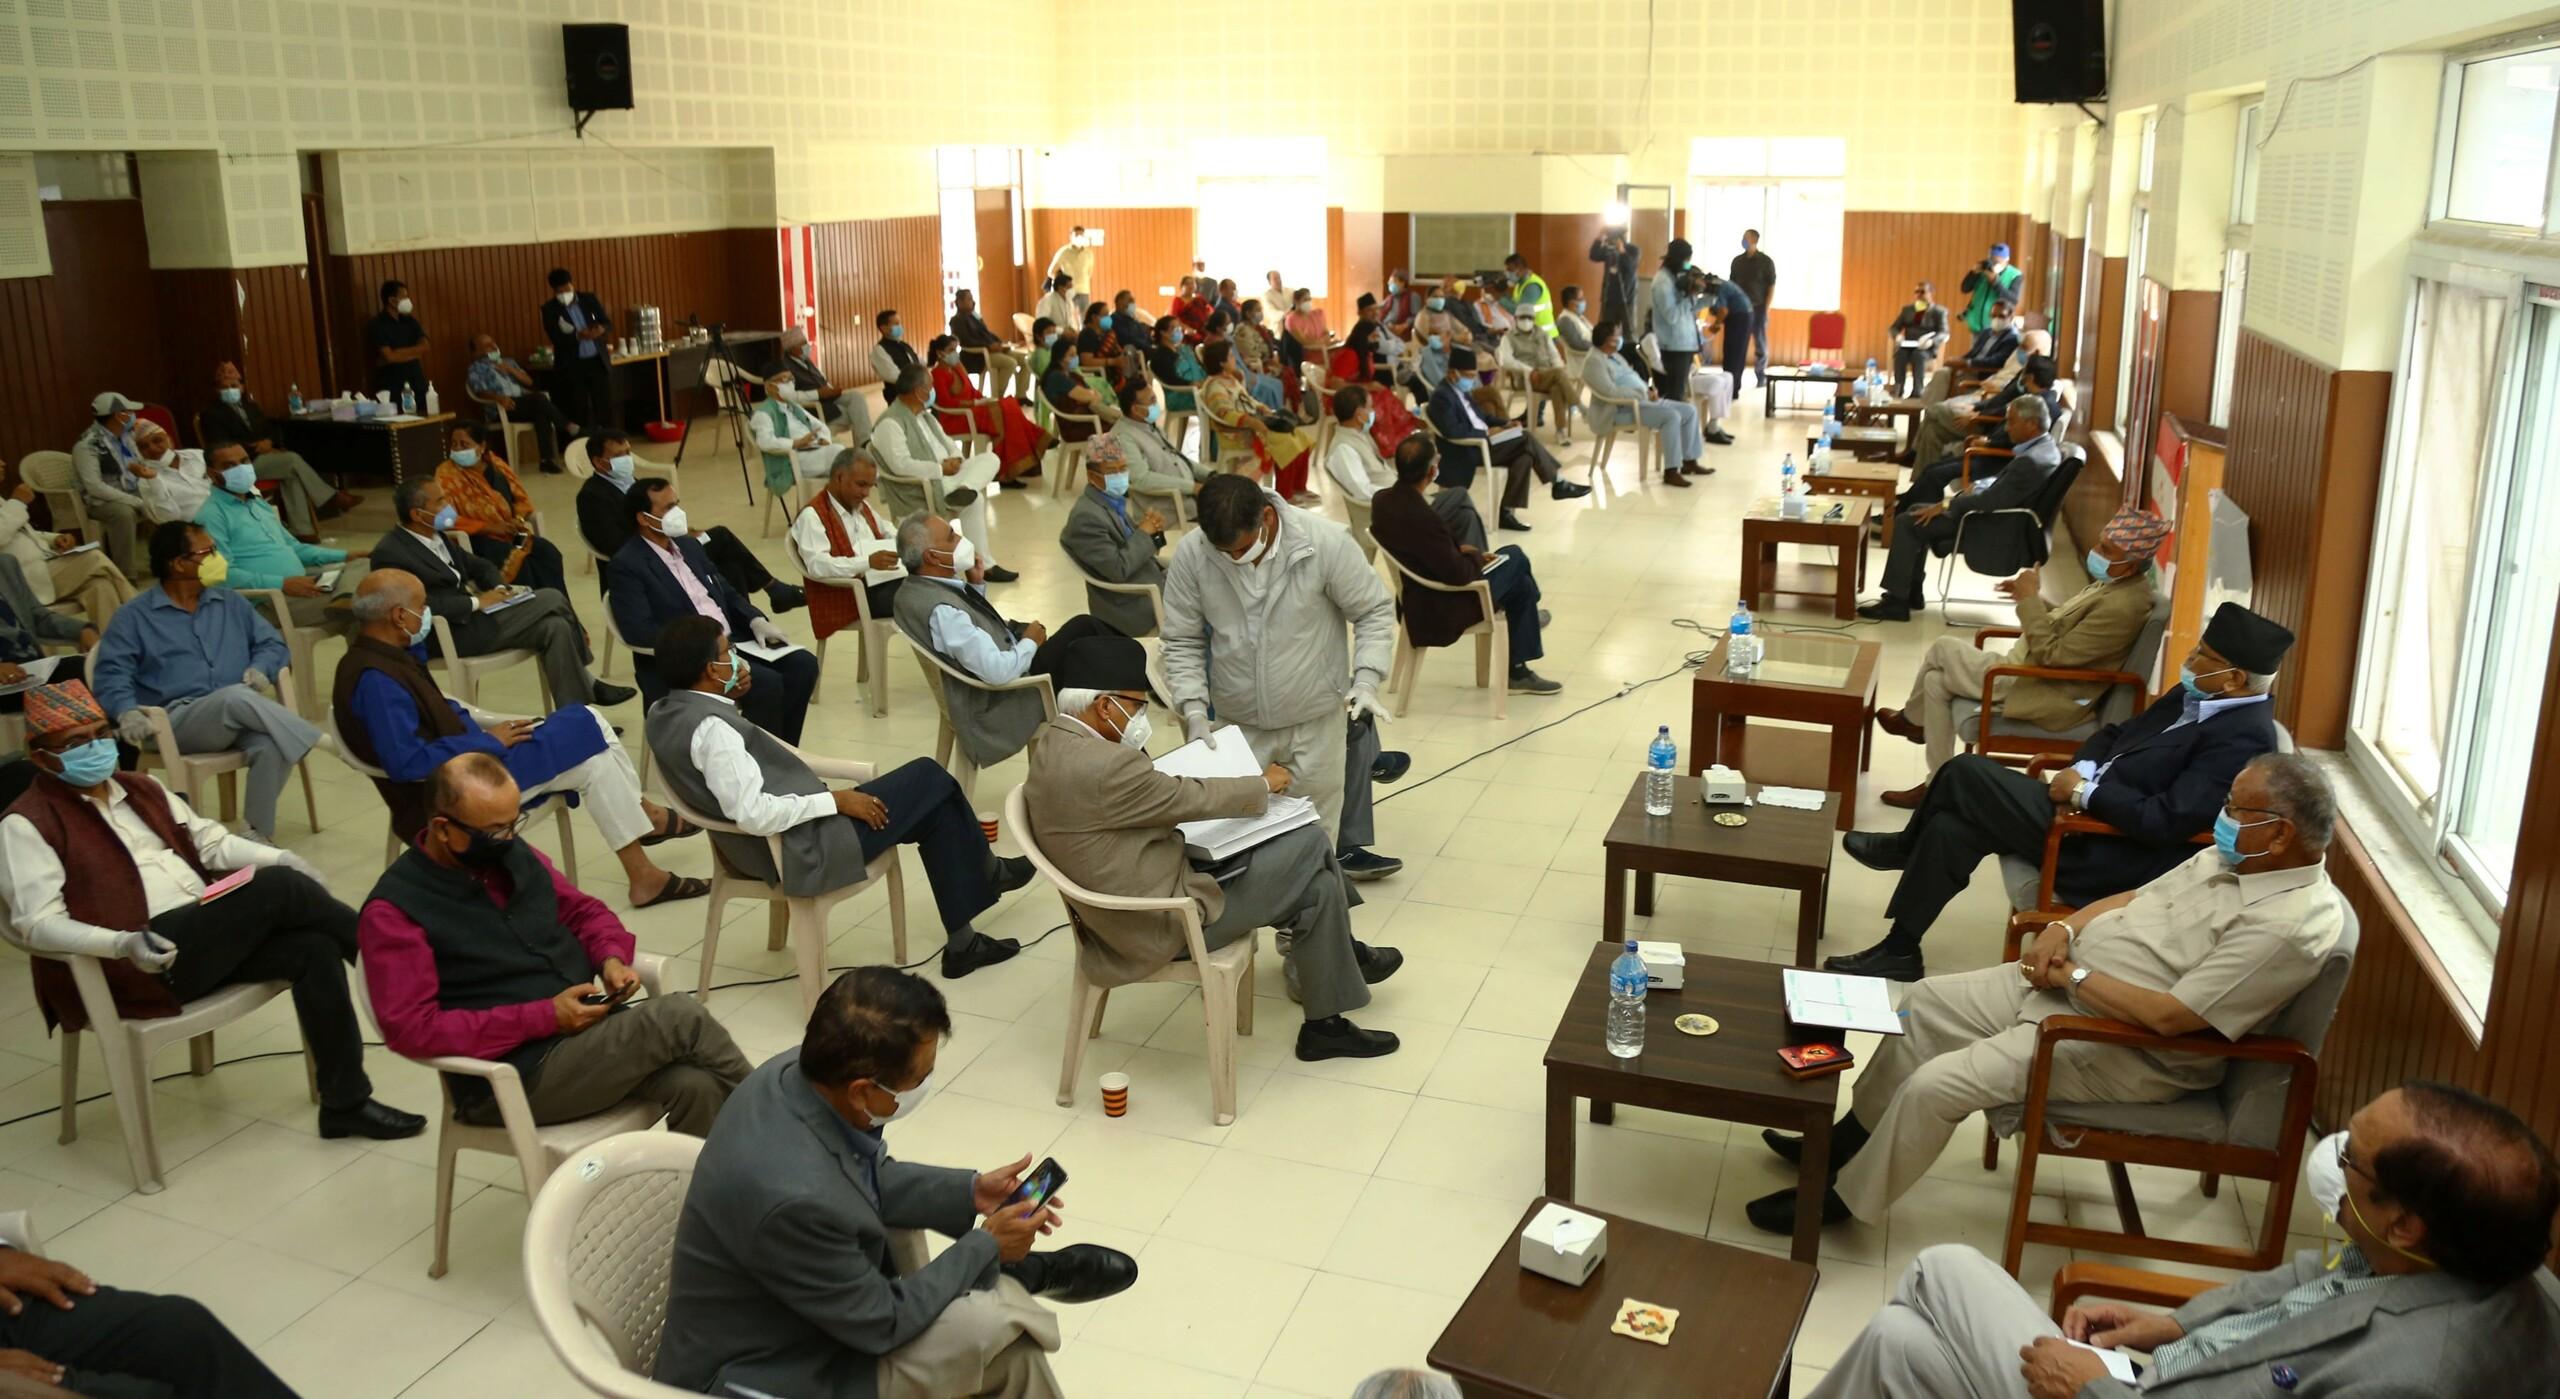 काँग्रेसद्वारा संविधान संशोधनका पक्षमा मतदान गर्न निर्देशन